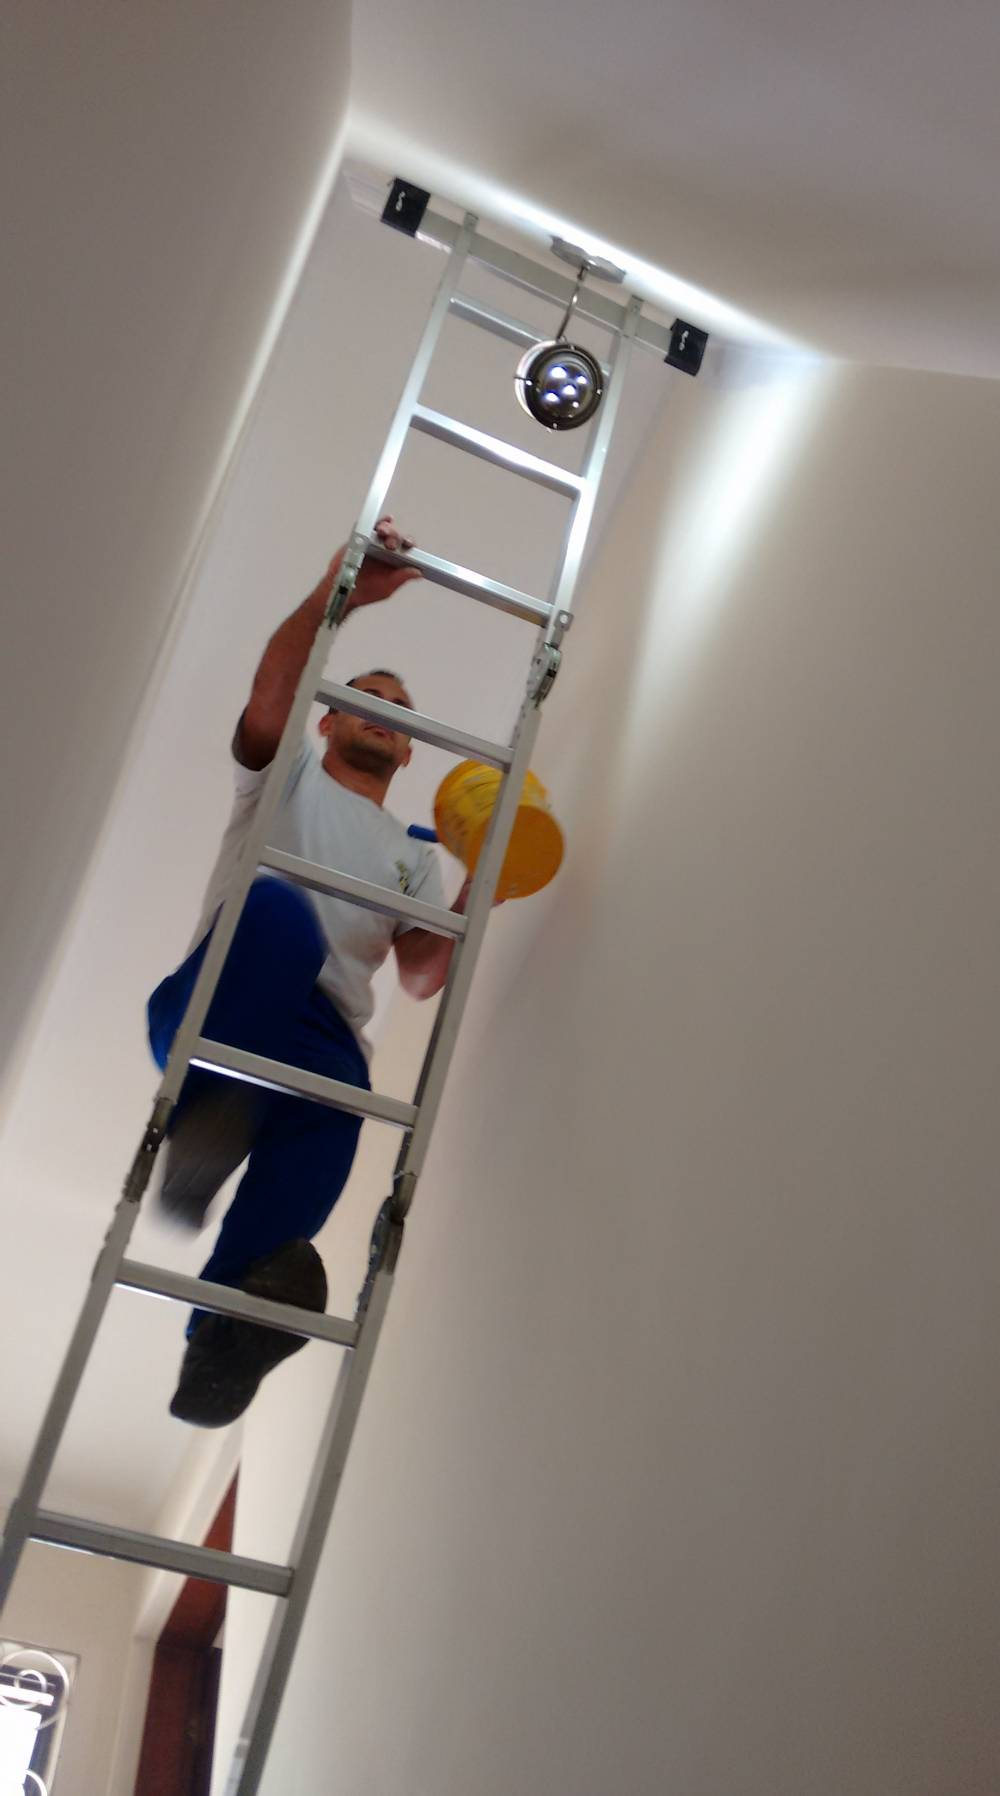 Contratar Serviço de Reparos em Residências na Vila Anchieta - Manutenção Residencial em SP